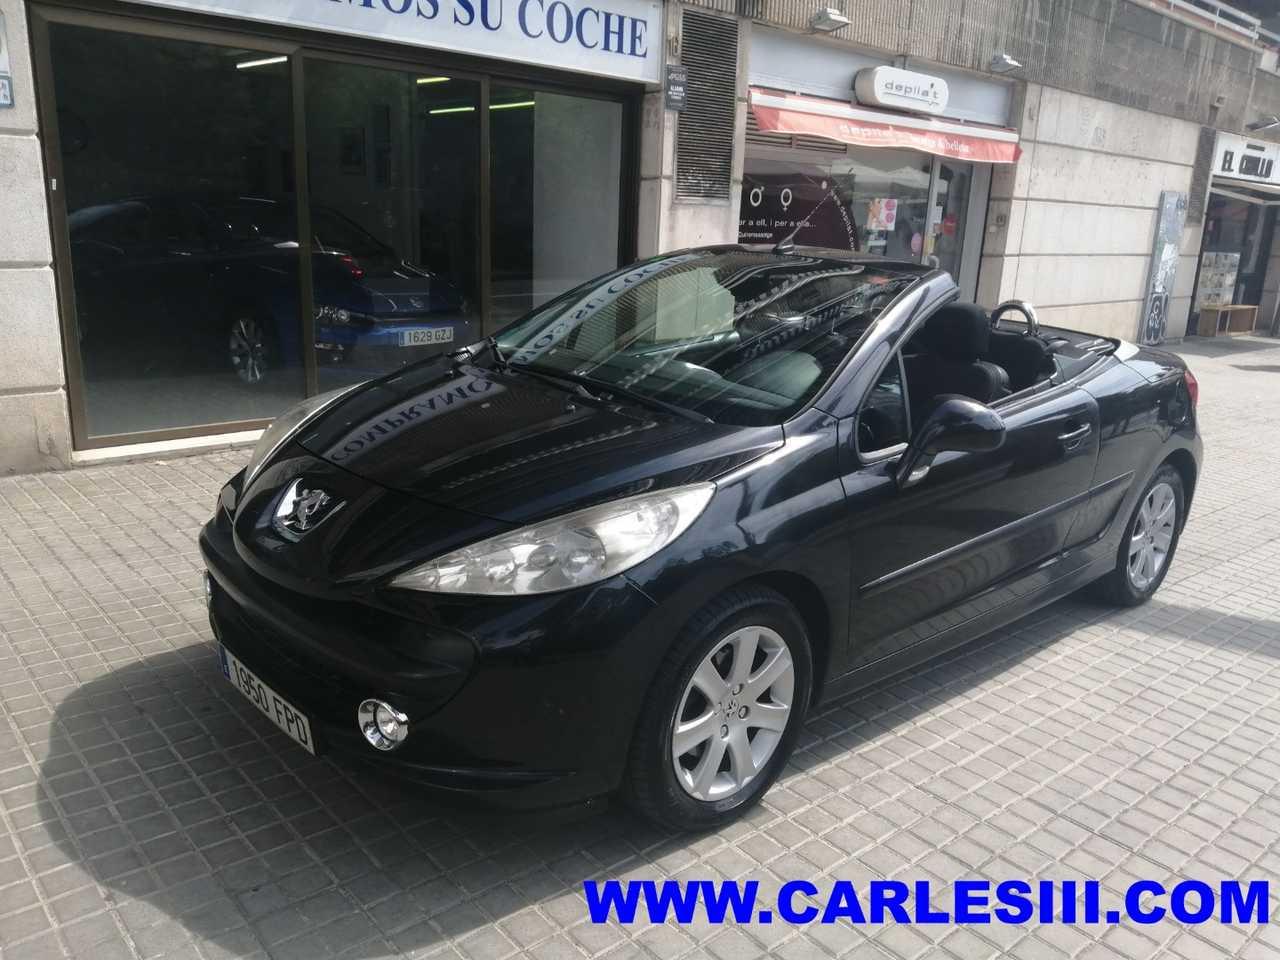 Peugeot 207 CC 1.6 VTi 16v 120   - Foto 1